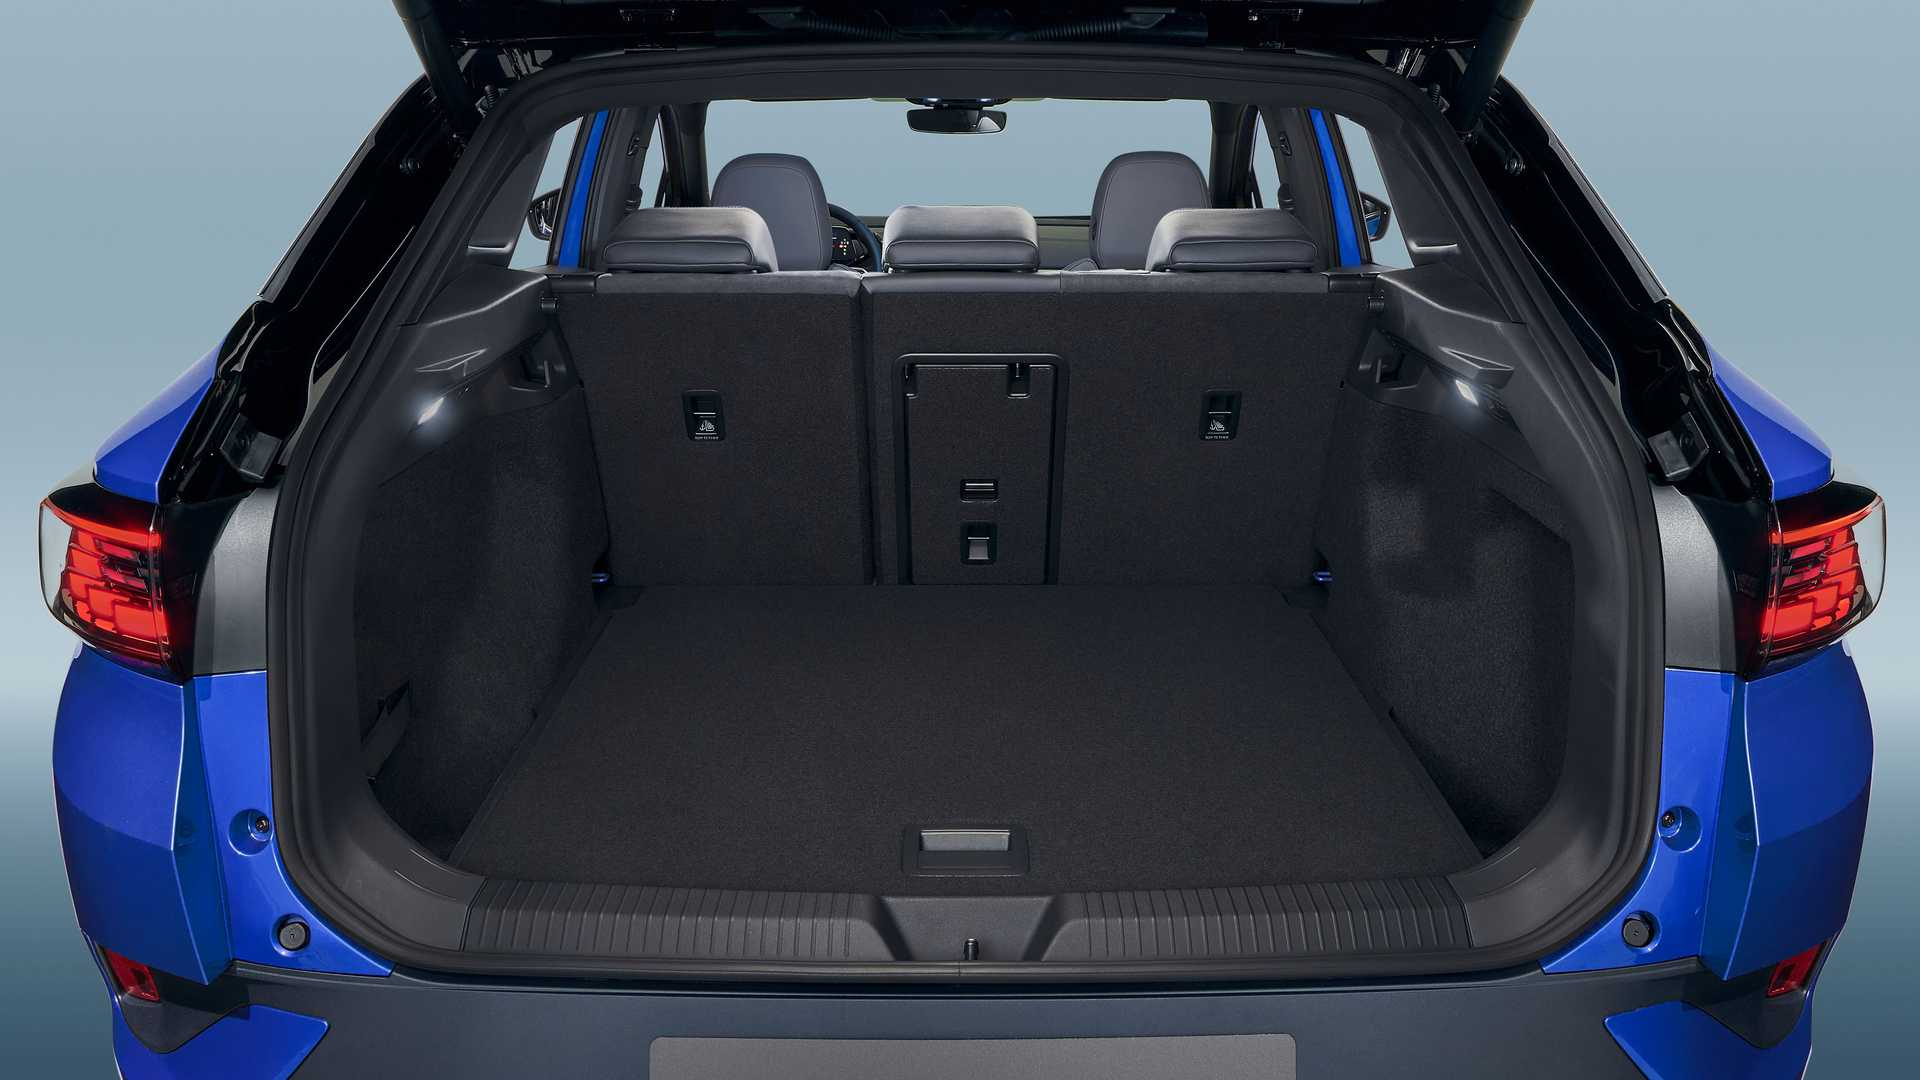 2021-volkswagen-id.4-interior-cargo-space